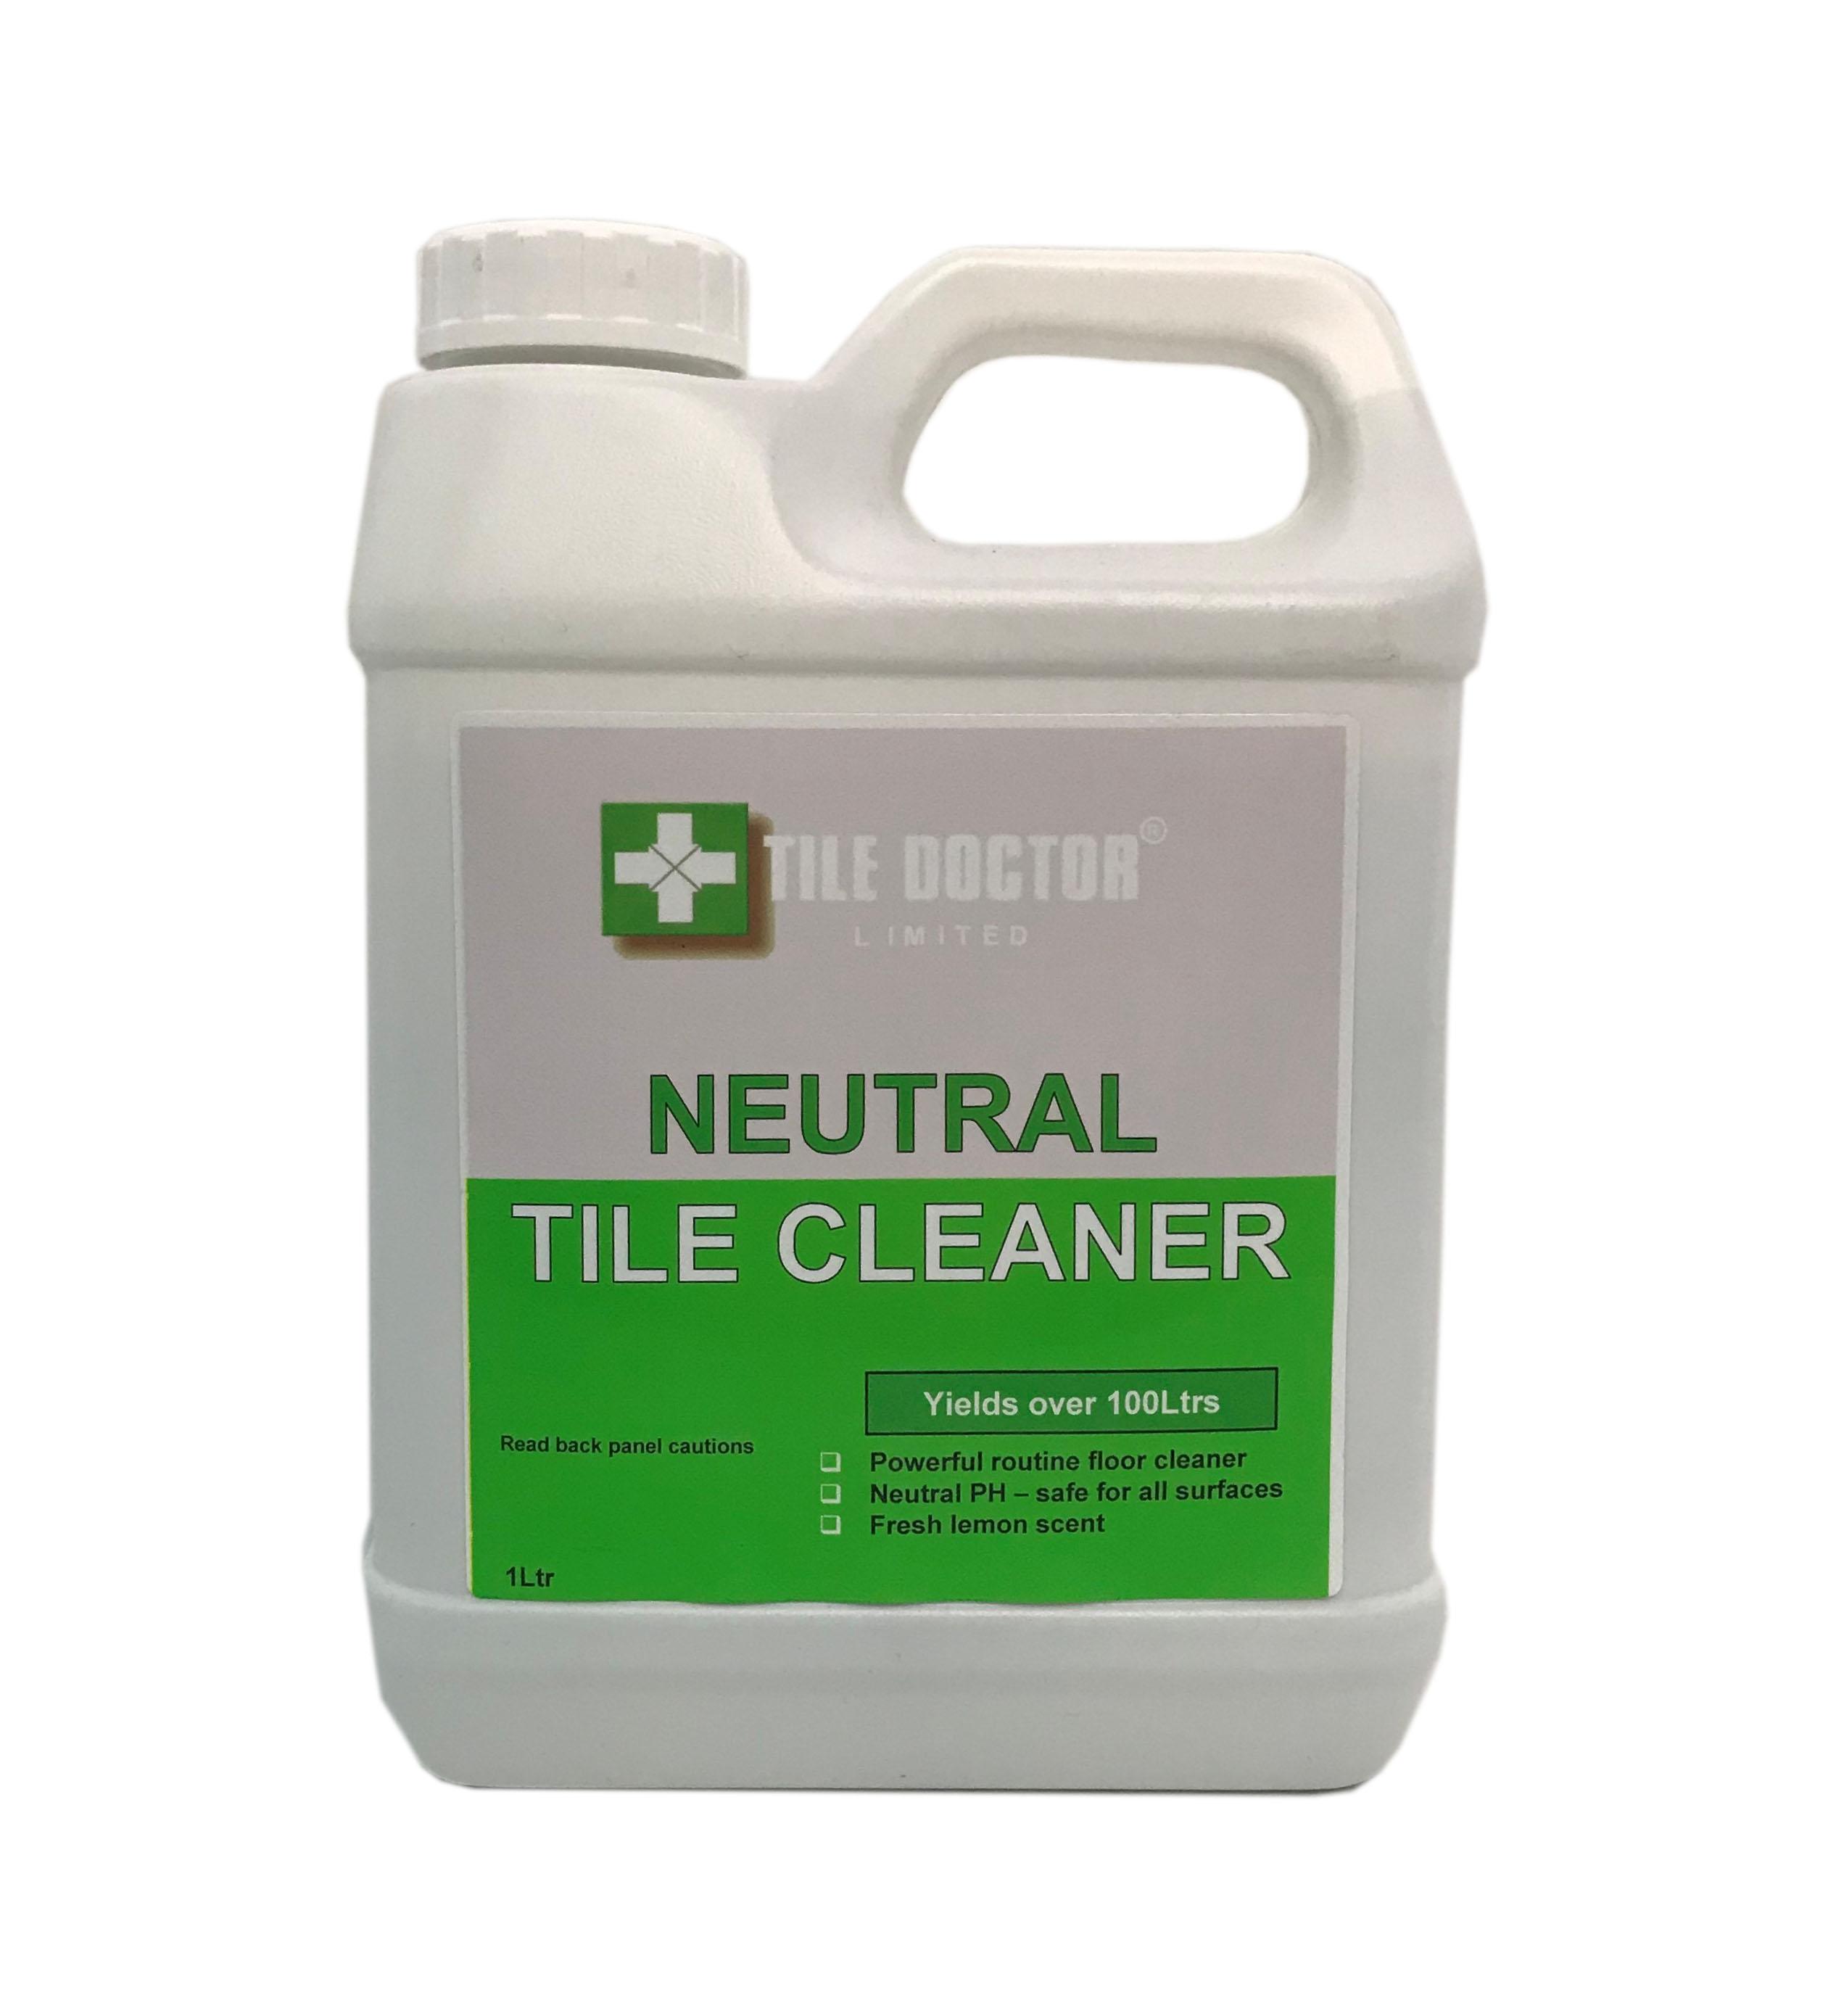 Tile Doctor Neutral Tile Cleaner